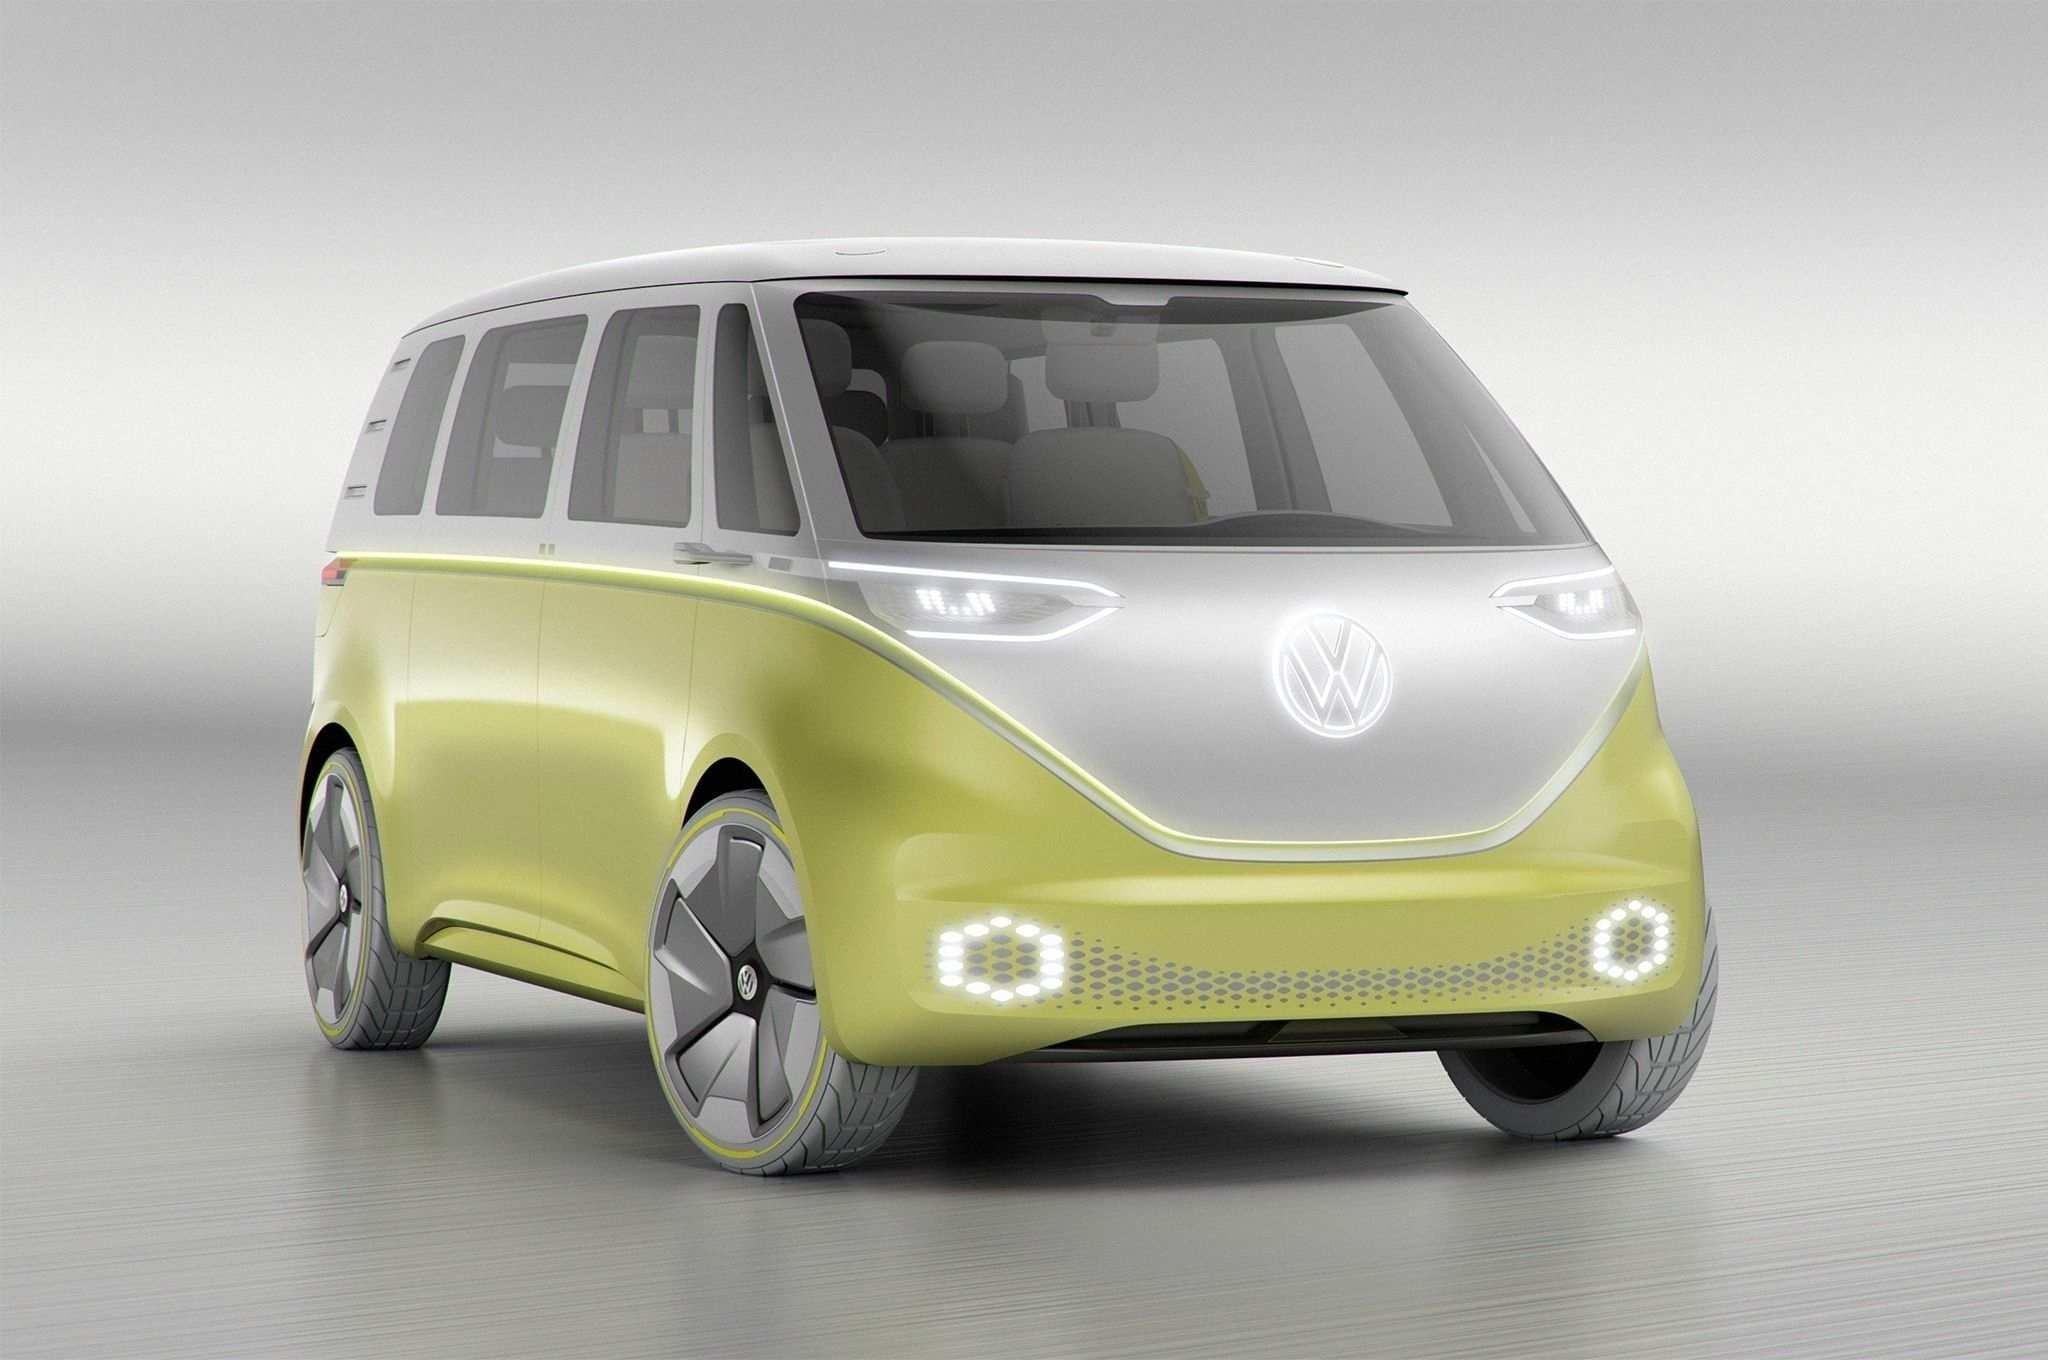 78 New Volkswagen Routan 2020 Pricing for Volkswagen Routan 2020